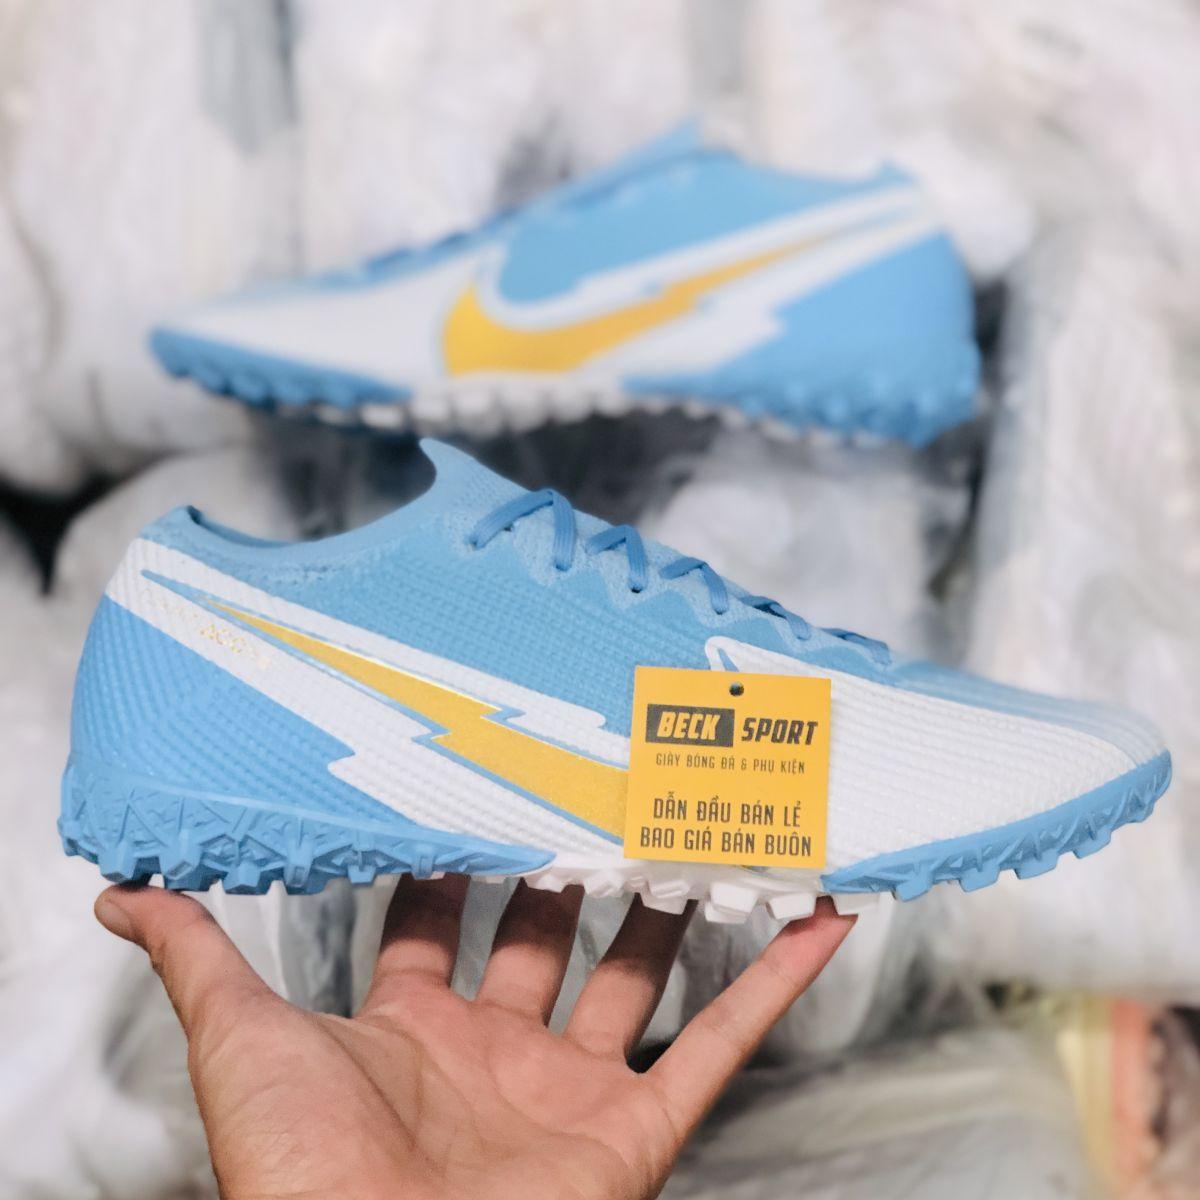 Giày Bóng Đá Nike Mercurial Vapor 13 Elite Xanh Biển Trắng Vạch Vàng Cổ Lửng TF